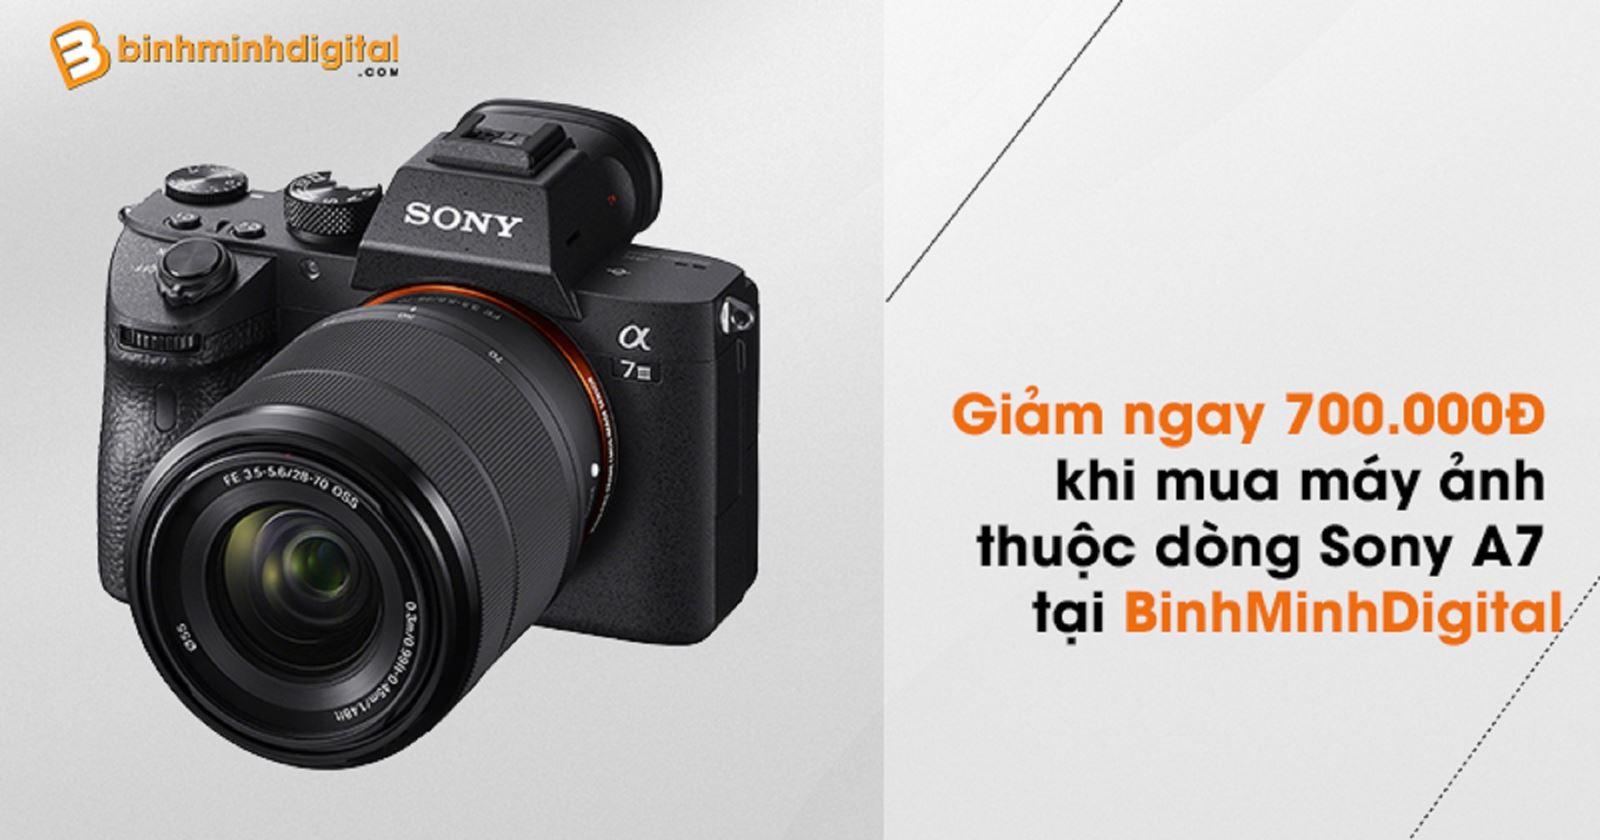 Giảm ngay 700.000Đ khi mua Máy ảnh thuộc dòng Sony A7 tại BinhMinhDigital